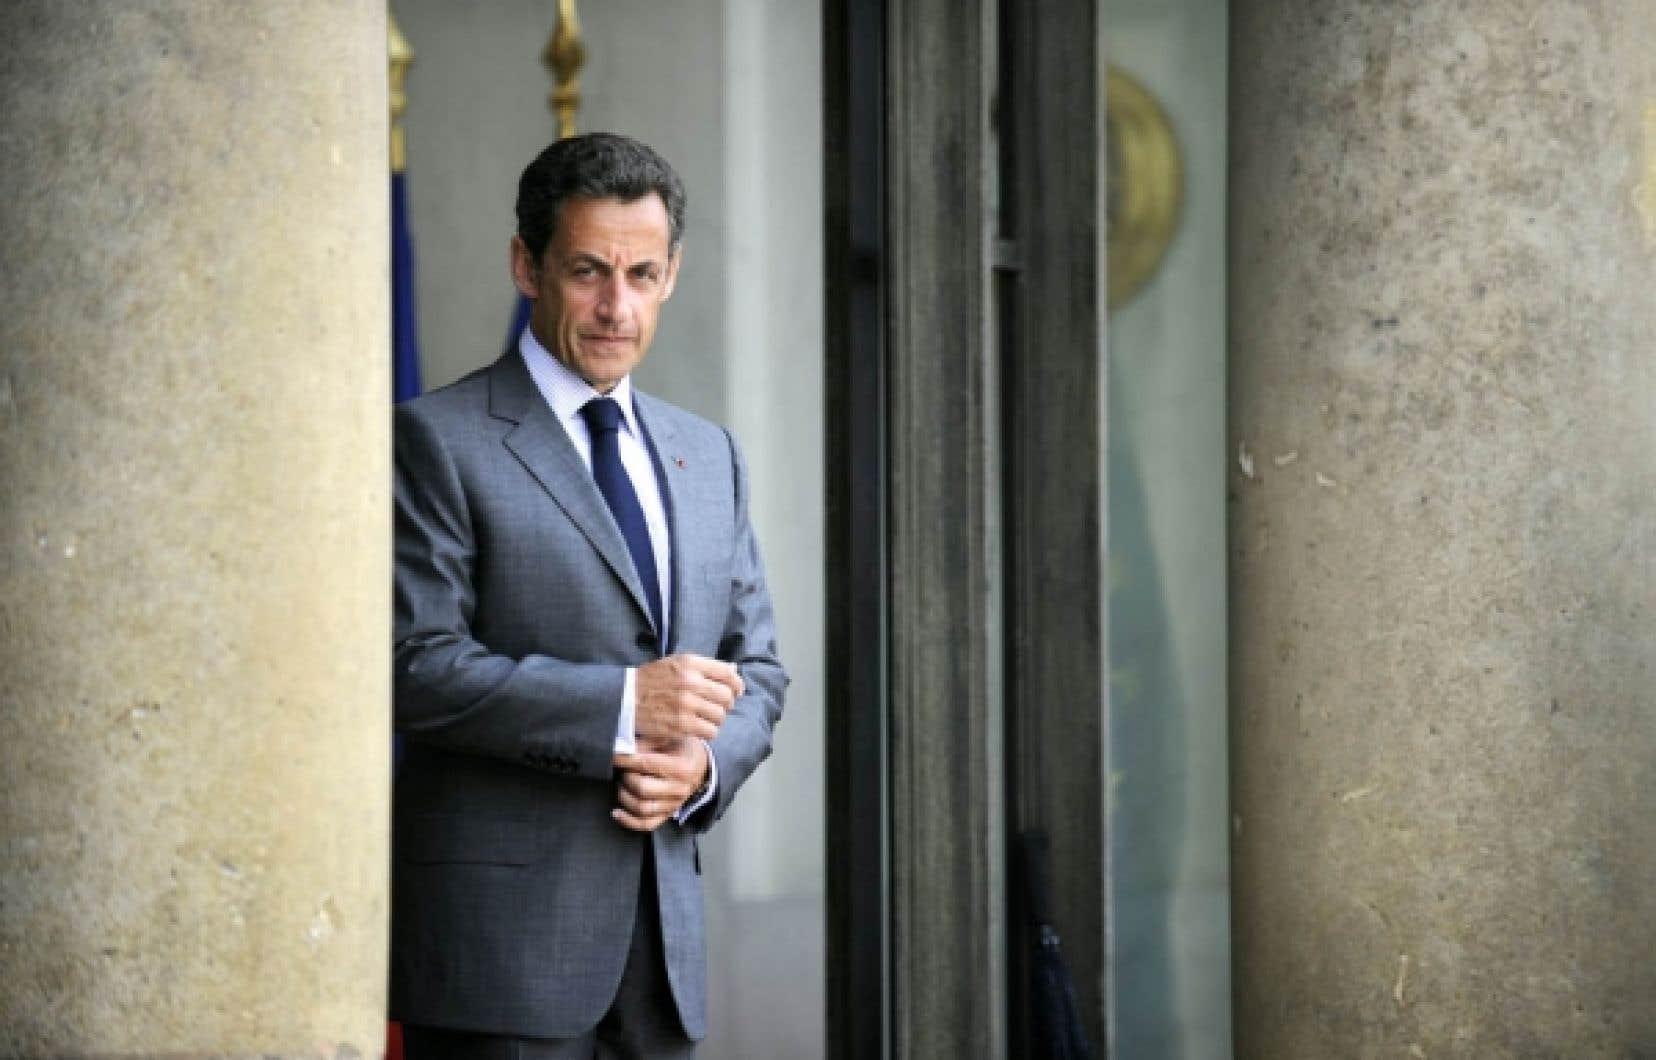 En France, la mobilisation contre la réforme des retraites a ébranlé le compromis que Nicolas Sarkozy avait lui-même noué avec les syndicats. Depuis son élection, le président s'était montré plutôt accommodant avec les grandes centrales.<br />